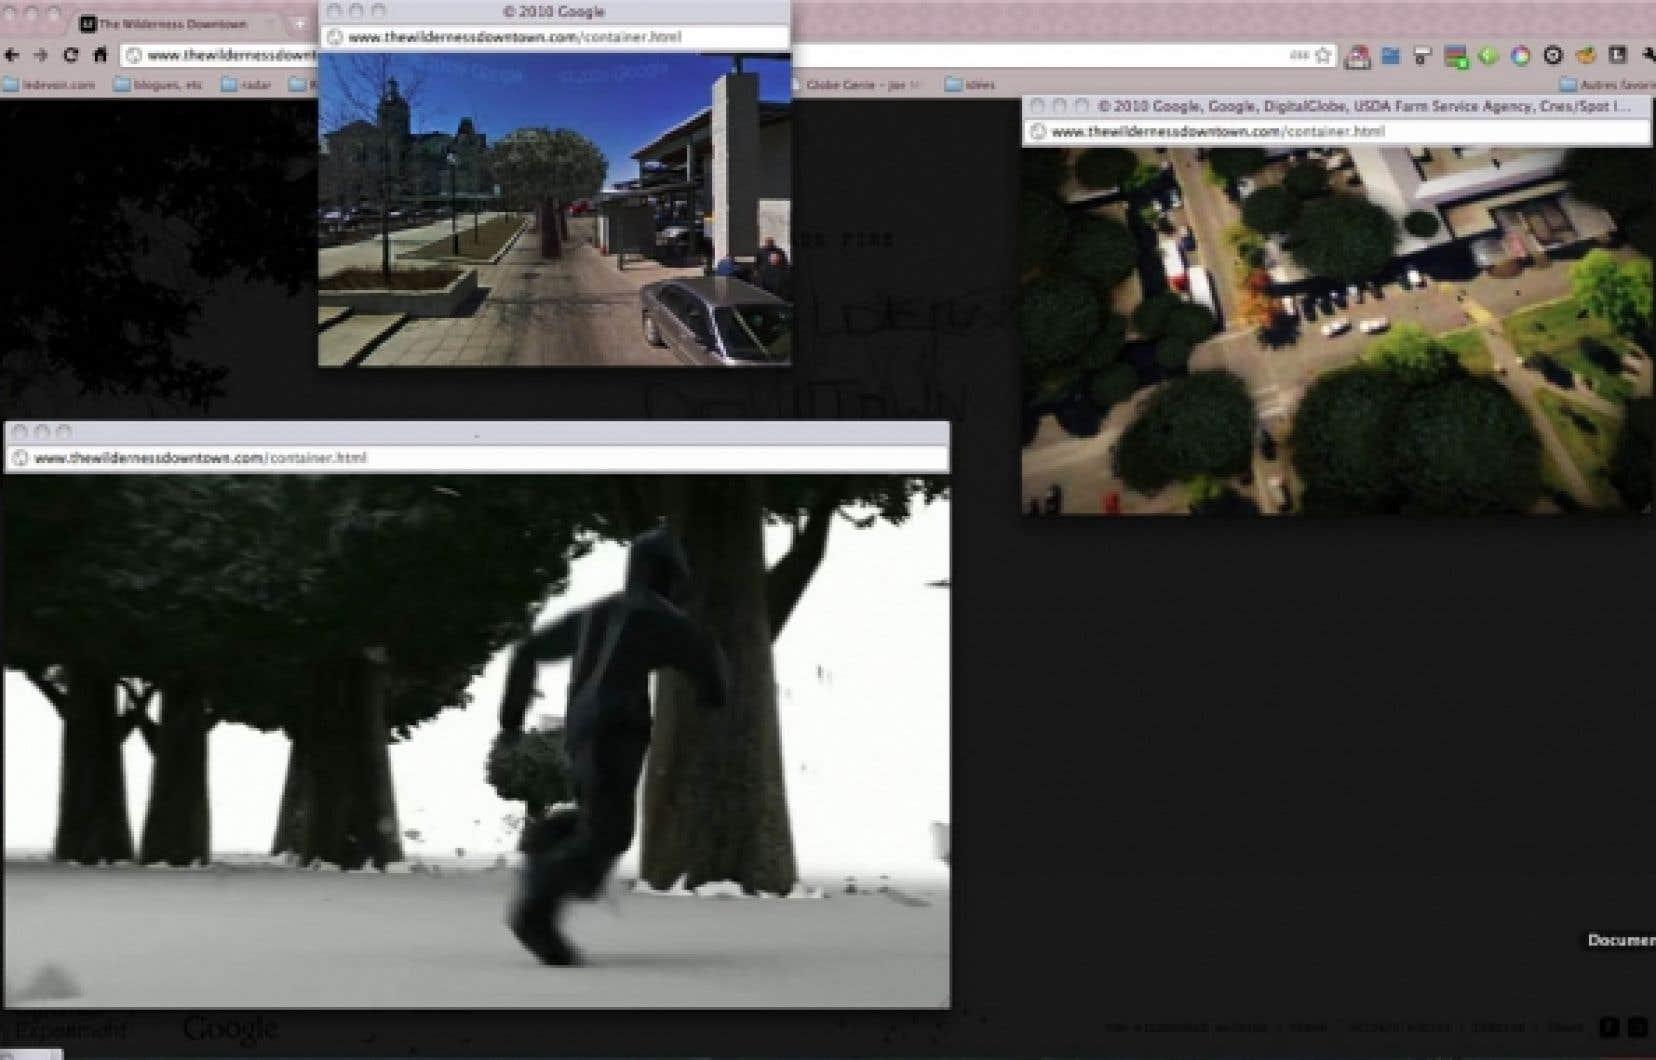 Images tirées de Google Earth aux dessins d'animation du dernier clip de Arcade Fire, The Wilderness Downtown<br />